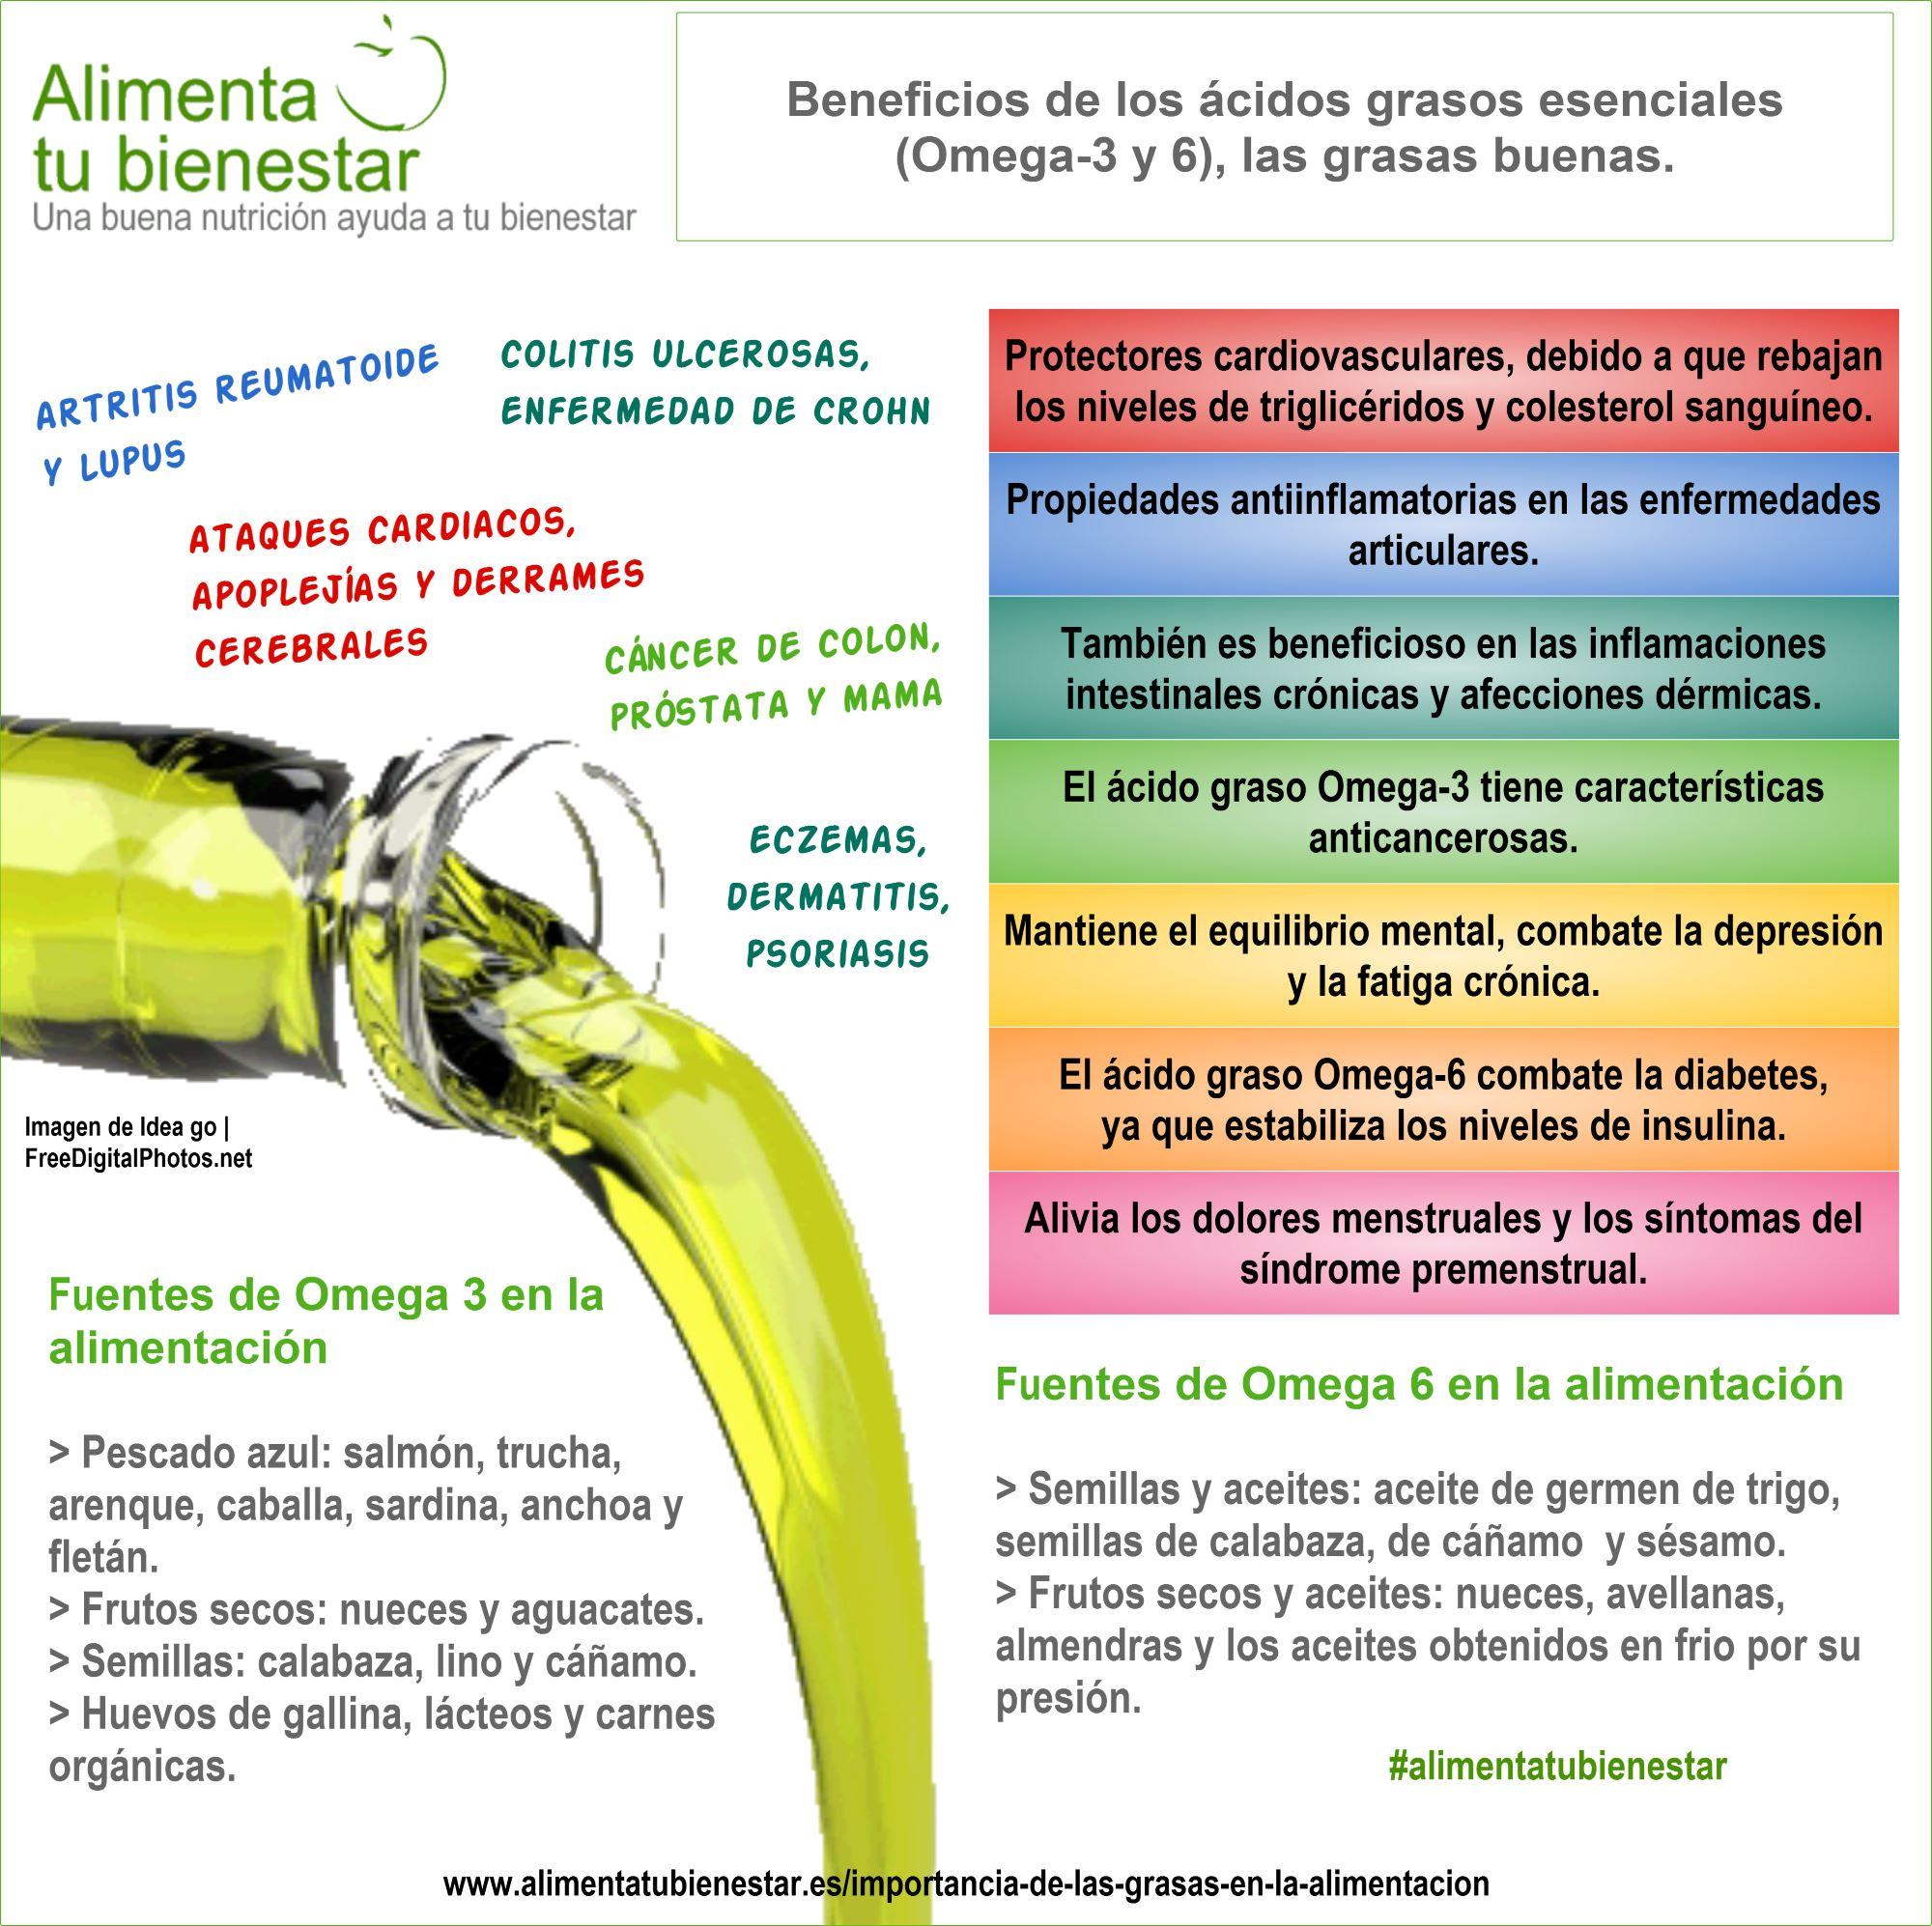 Las grasas en la alimentación: ácidos grasos omega